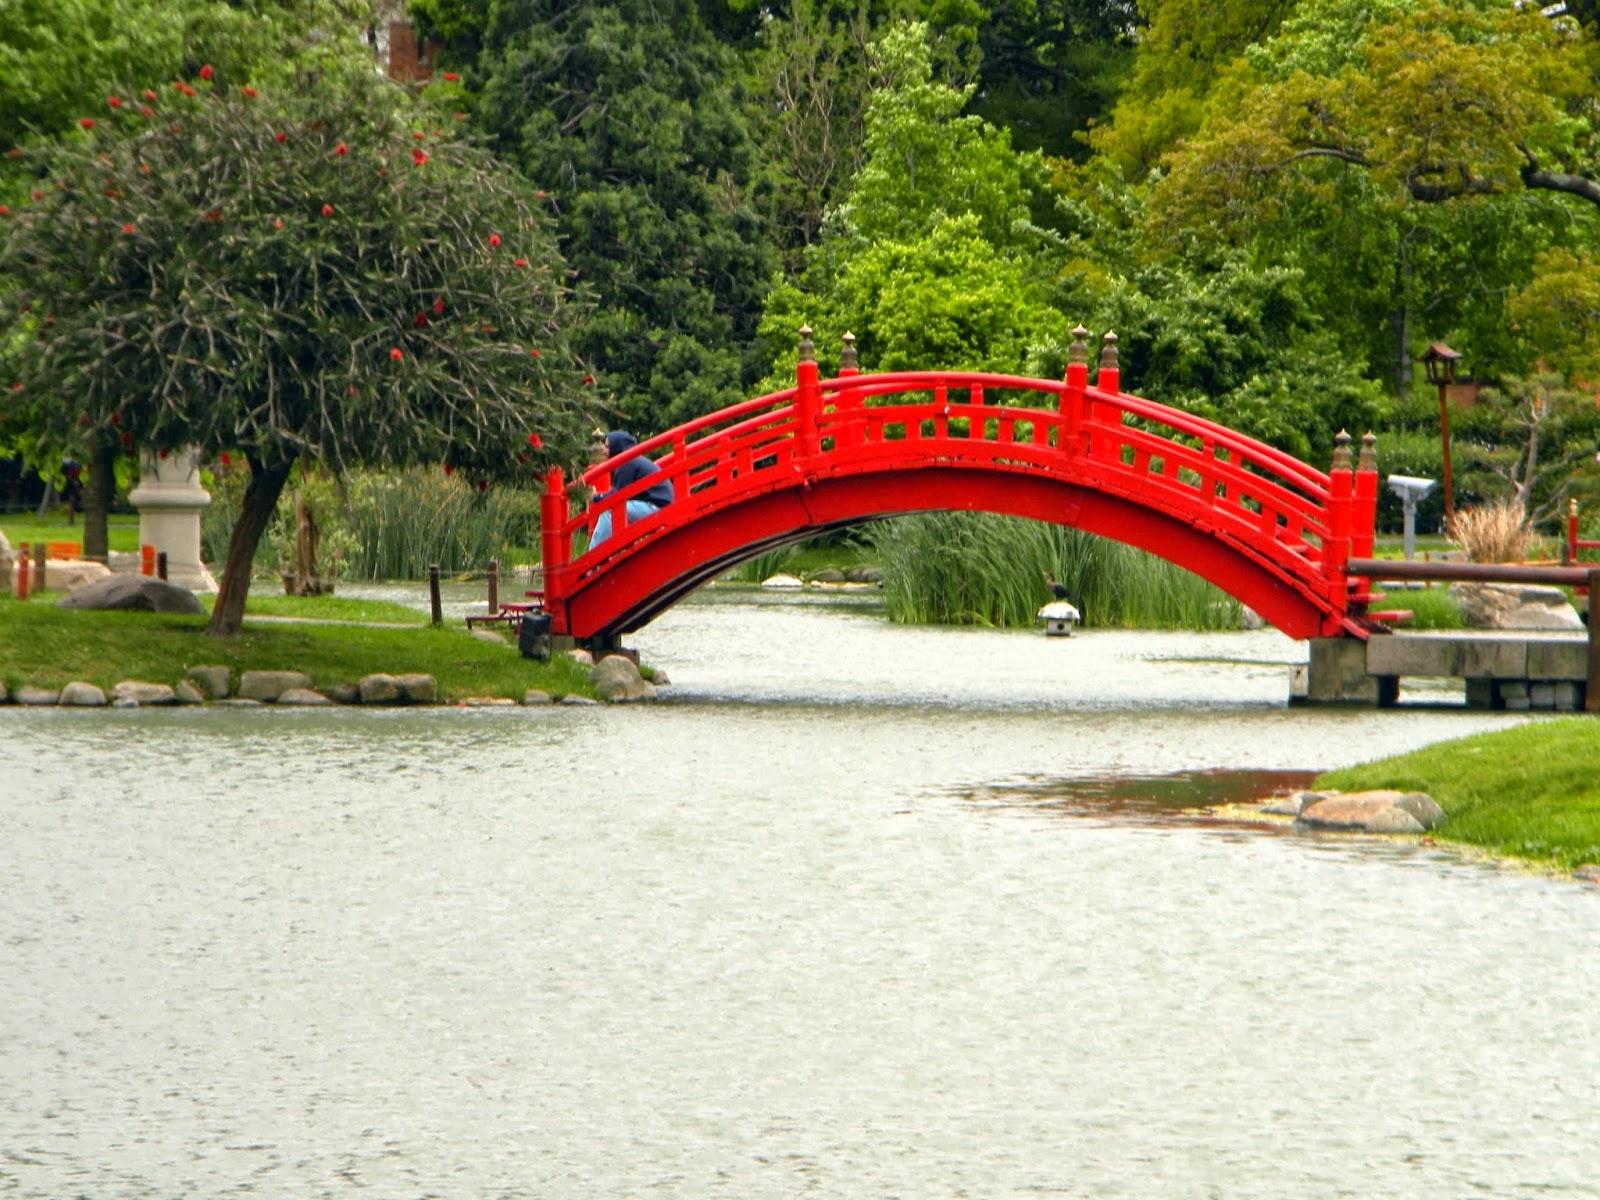 Explorador tur stico jard n japon s - Jardines puente cultural ...